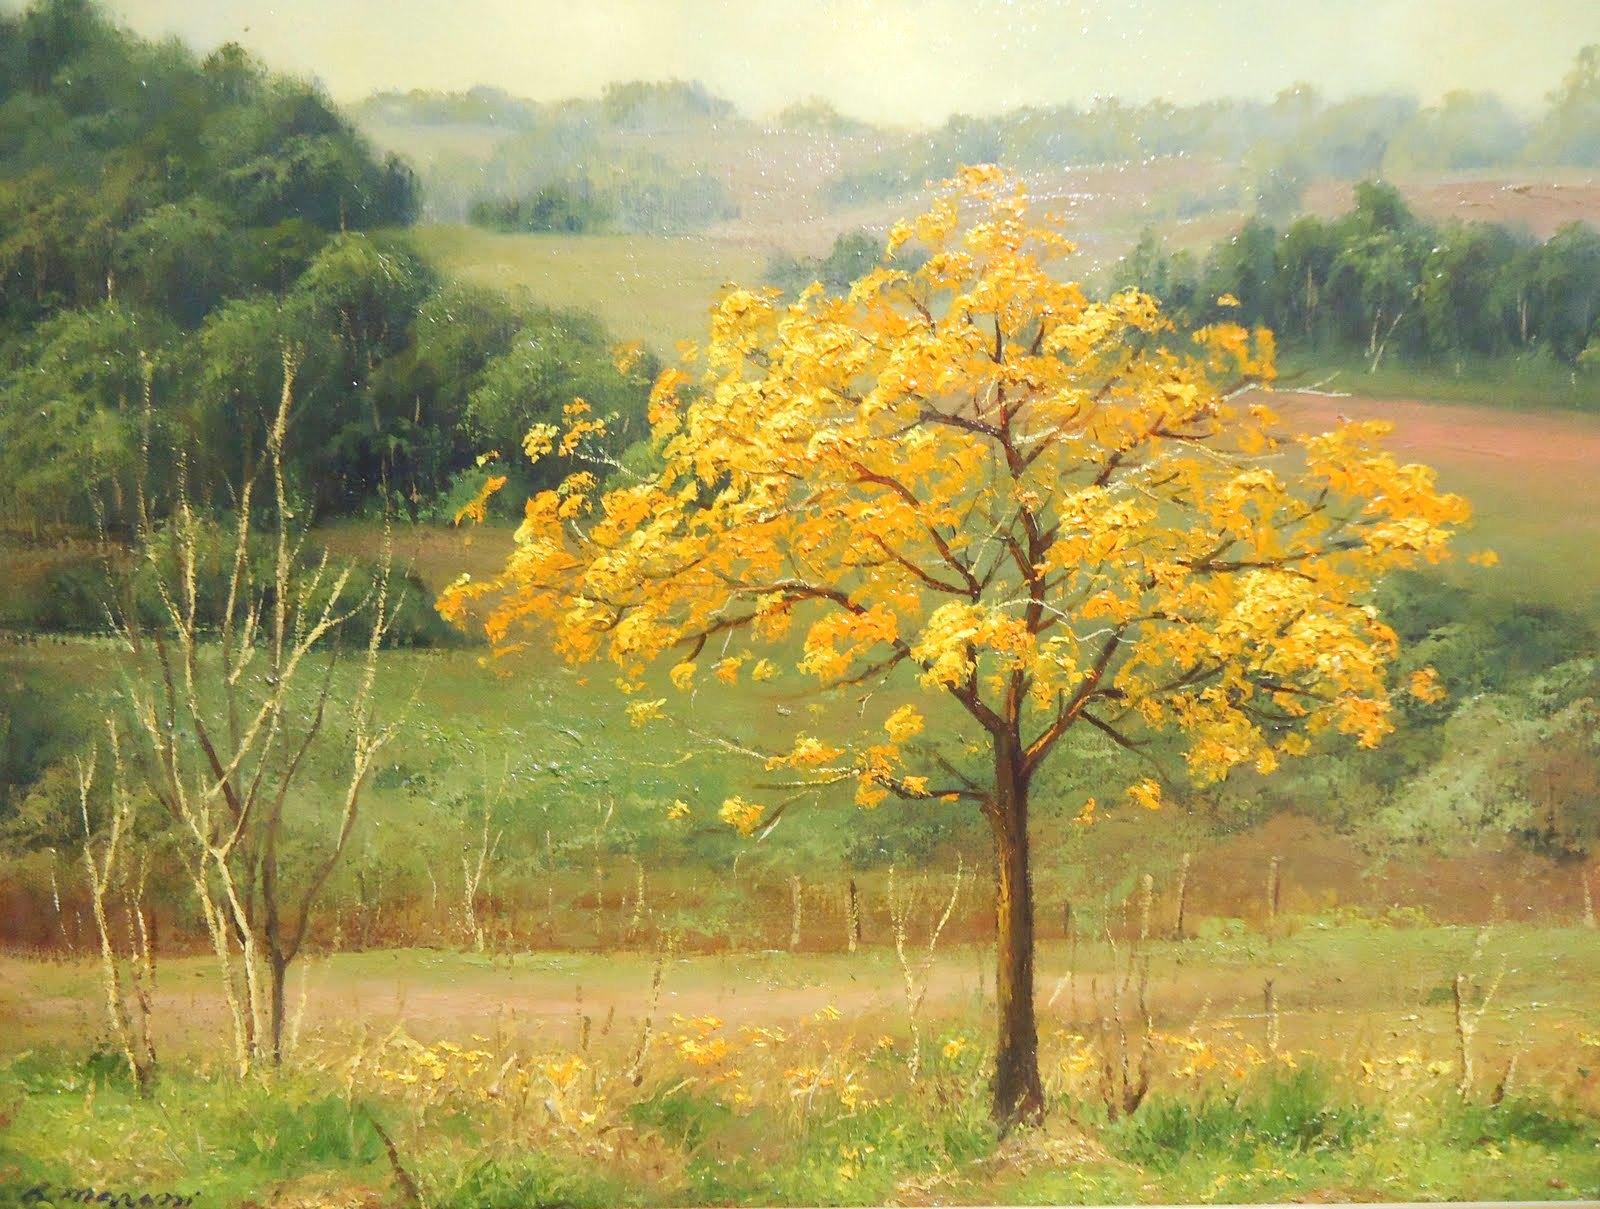 Resultado de imagem para belas imagens de ipês amarelos